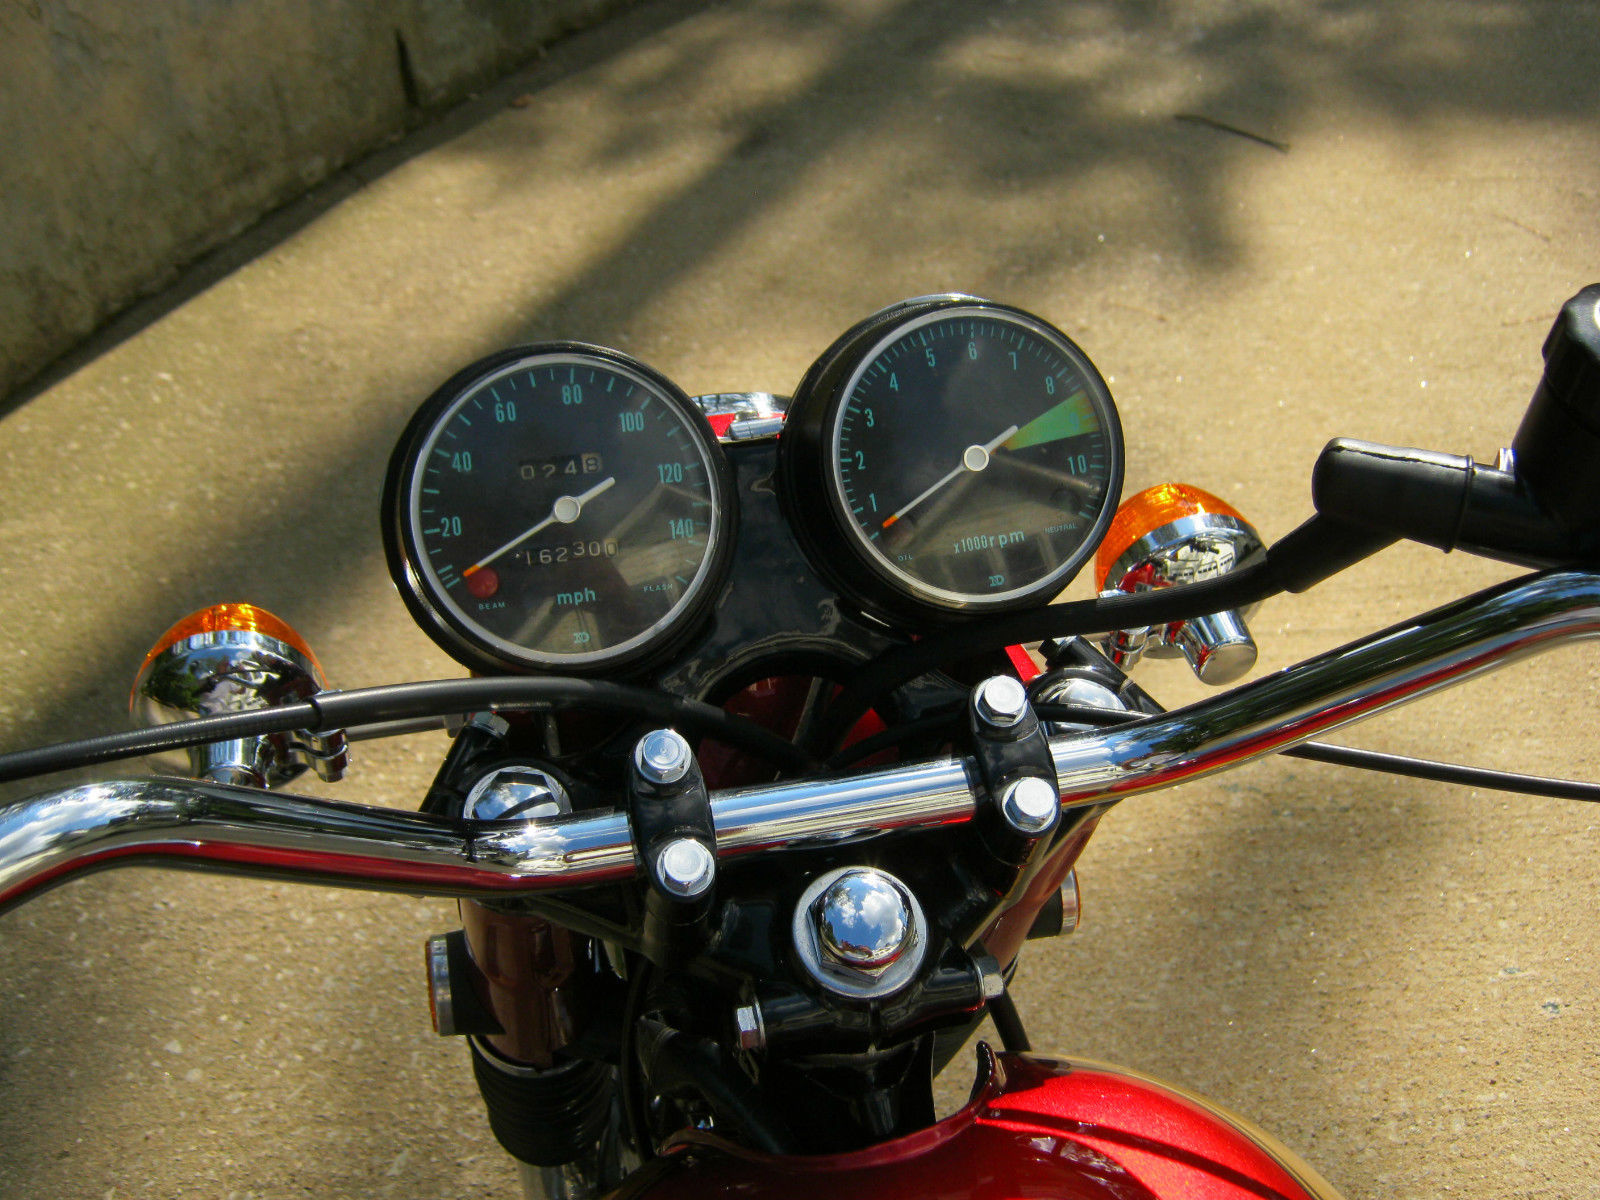 Honda CB750K0 -1969 - Clocks, Speedo and Tacho, Handlebars and Flashers.